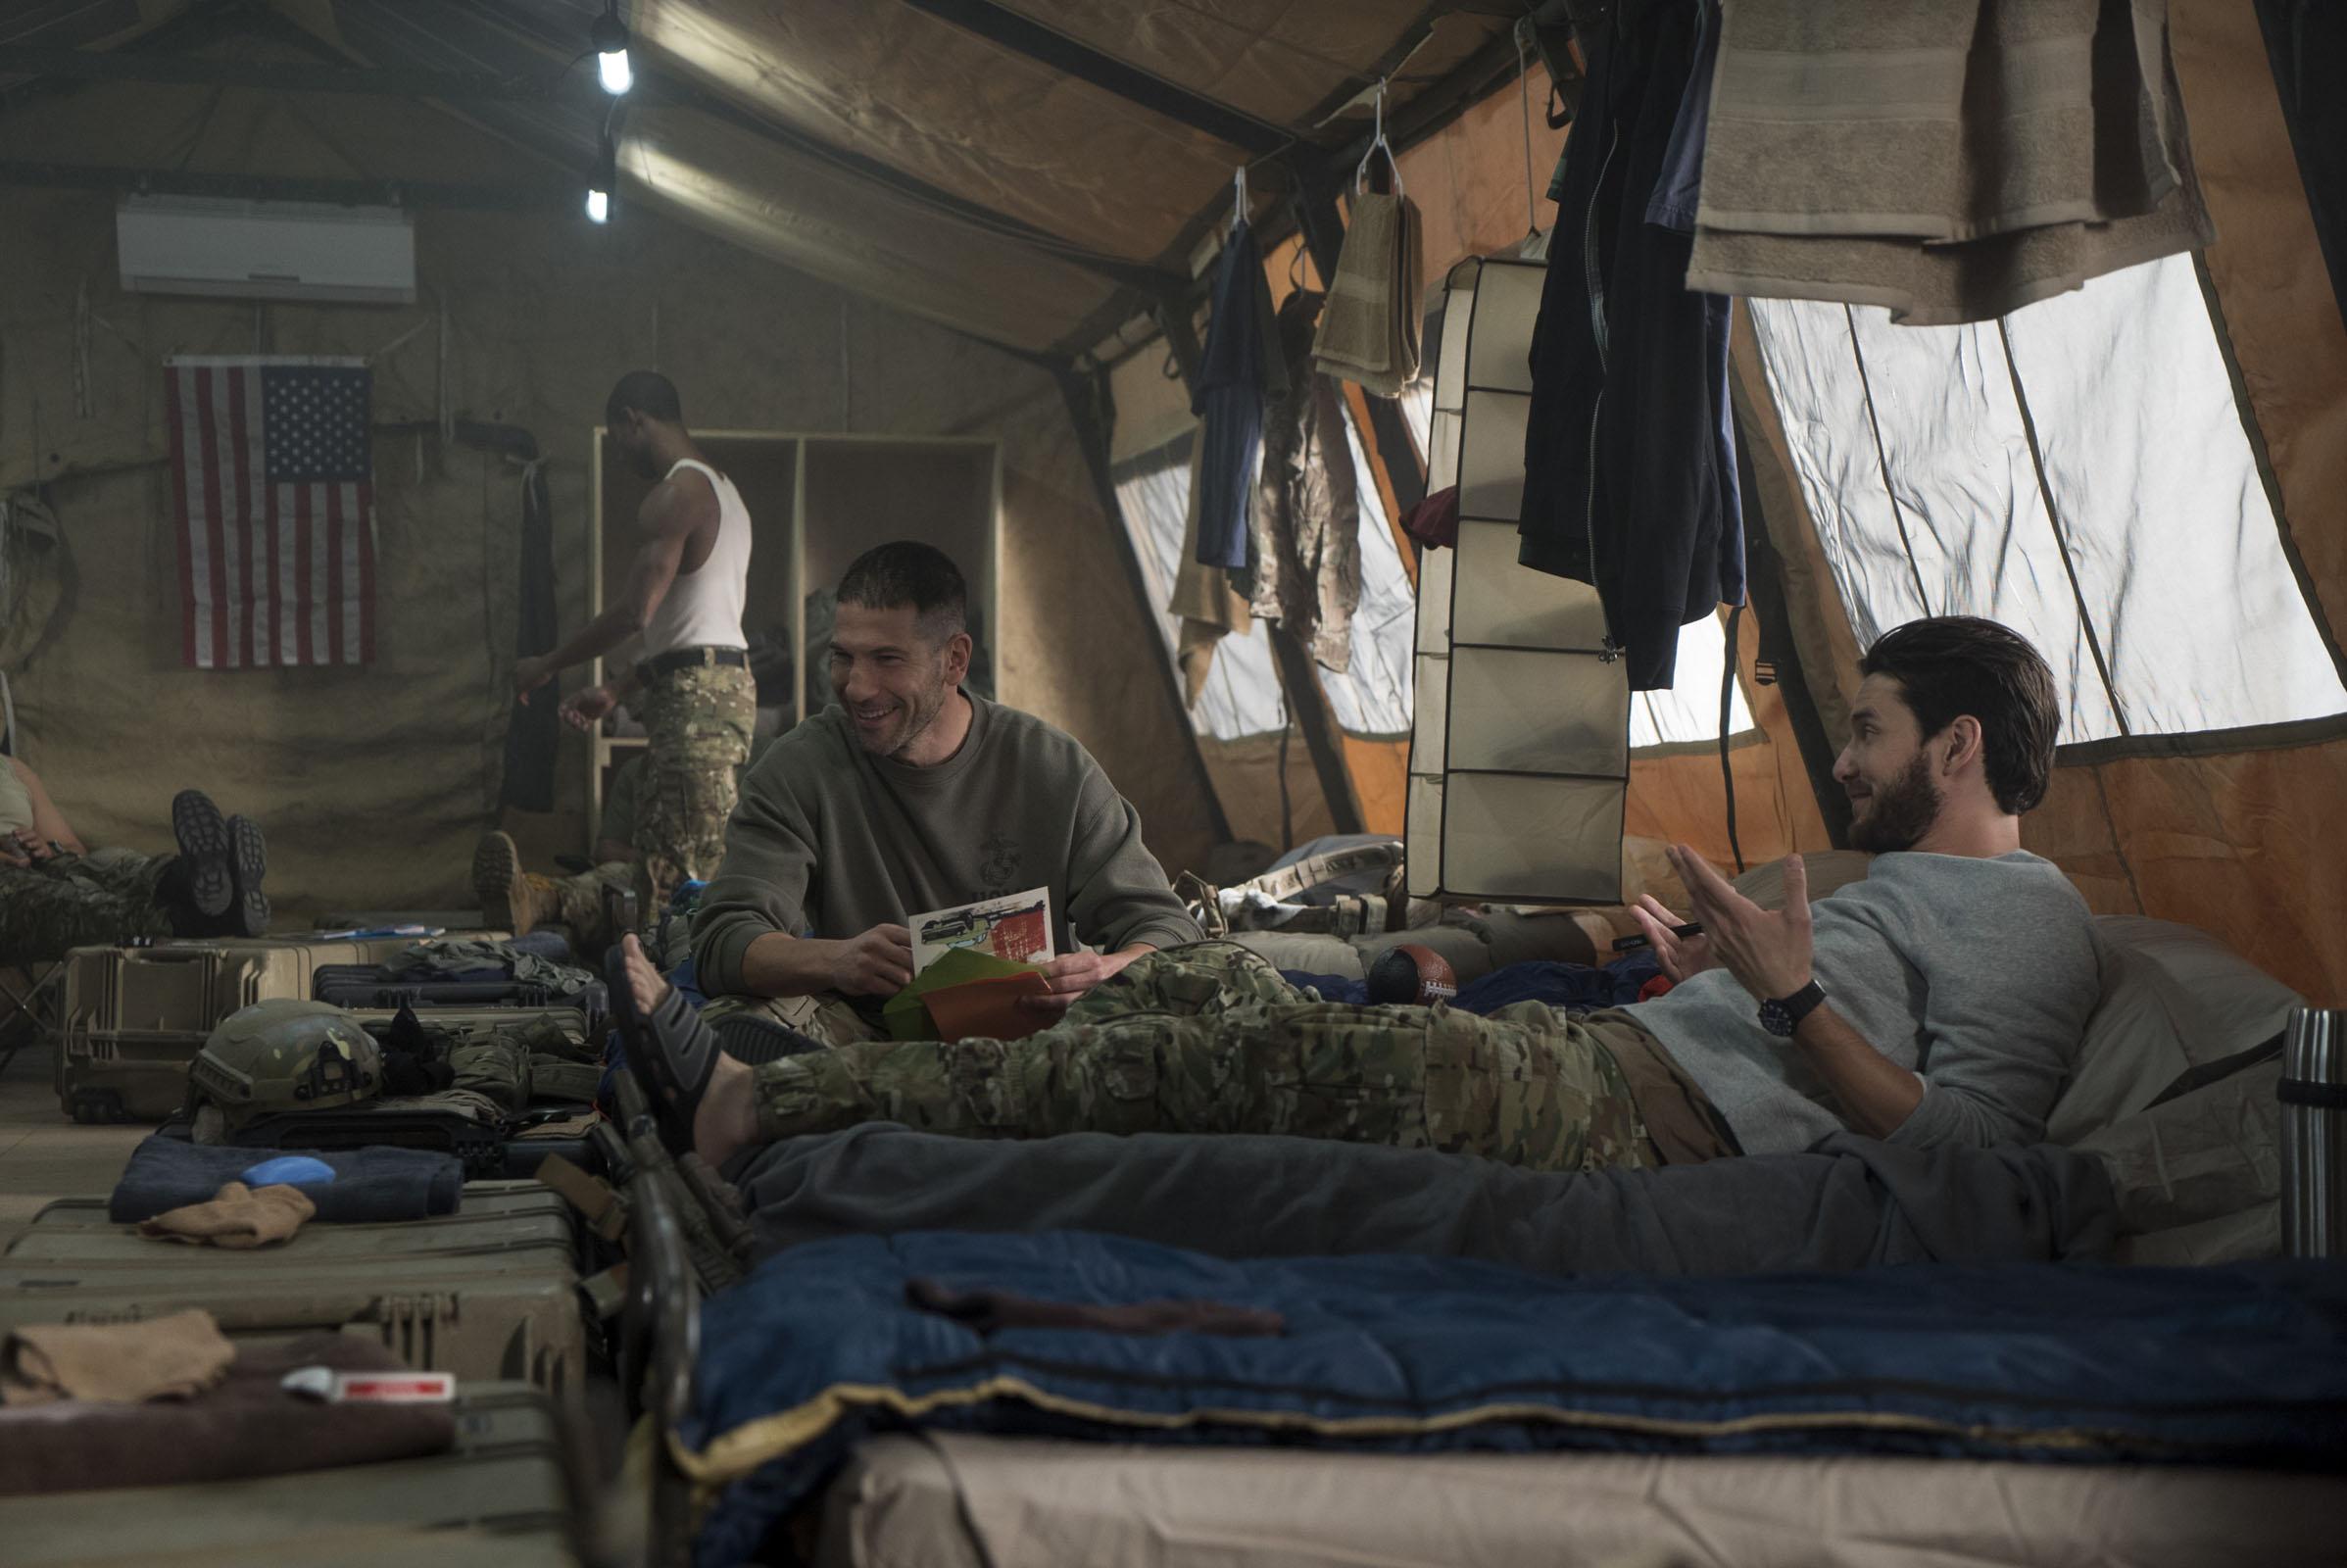 Jon Bernthal afirma que série será sobre dor e sofrimento — O Justiceiro